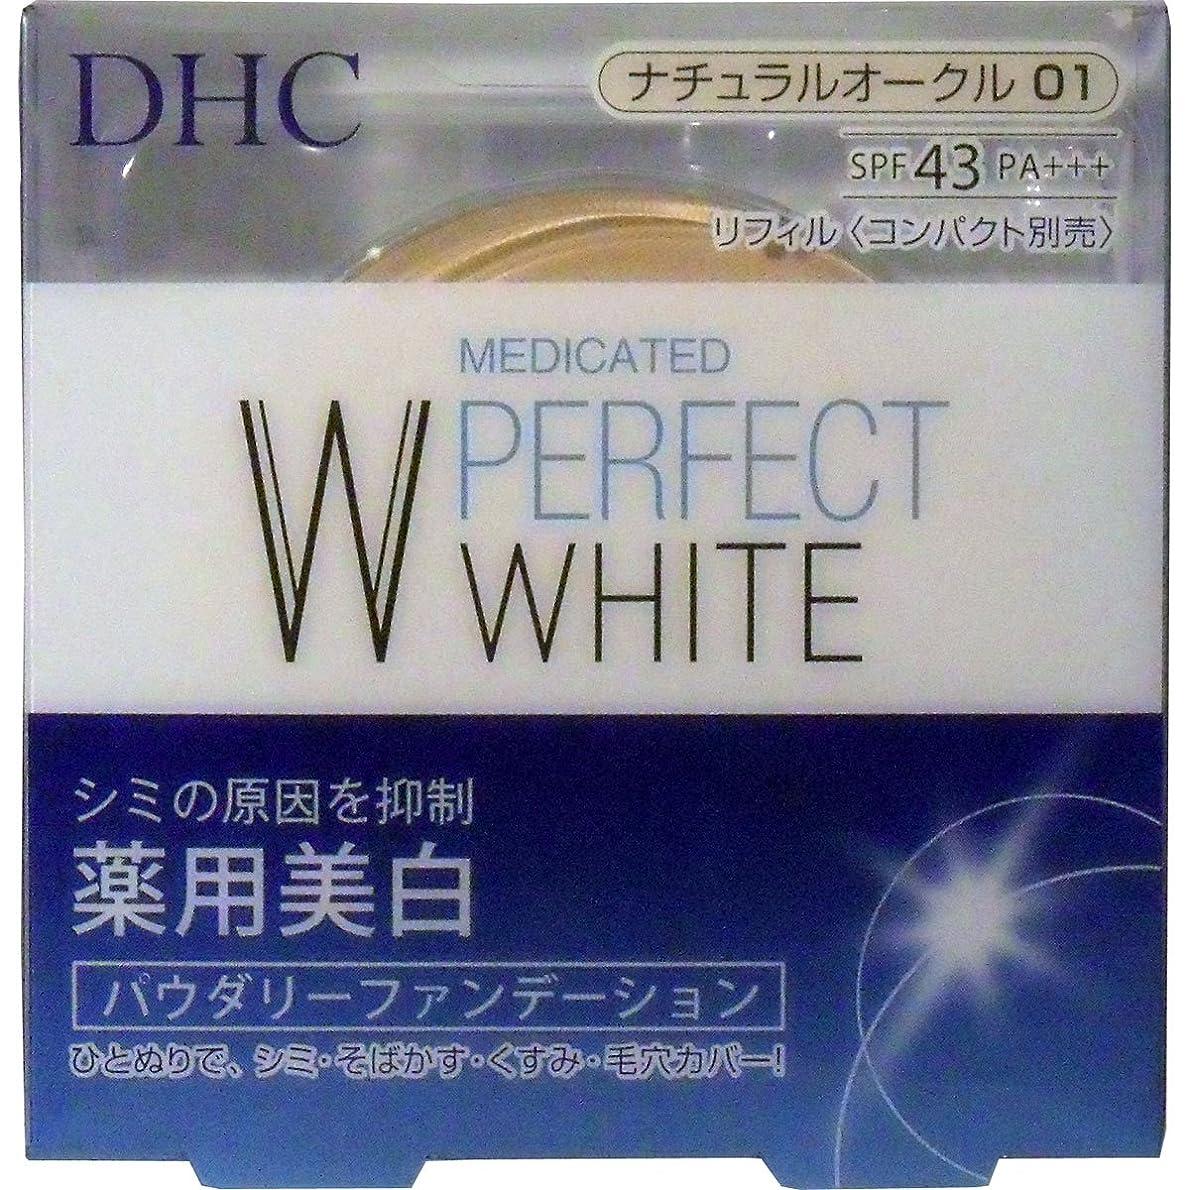 優先権中世のスープDHC 薬用美白パーフェクトホワイト パウダリーファンデーション ナチュラルオークル01 10g